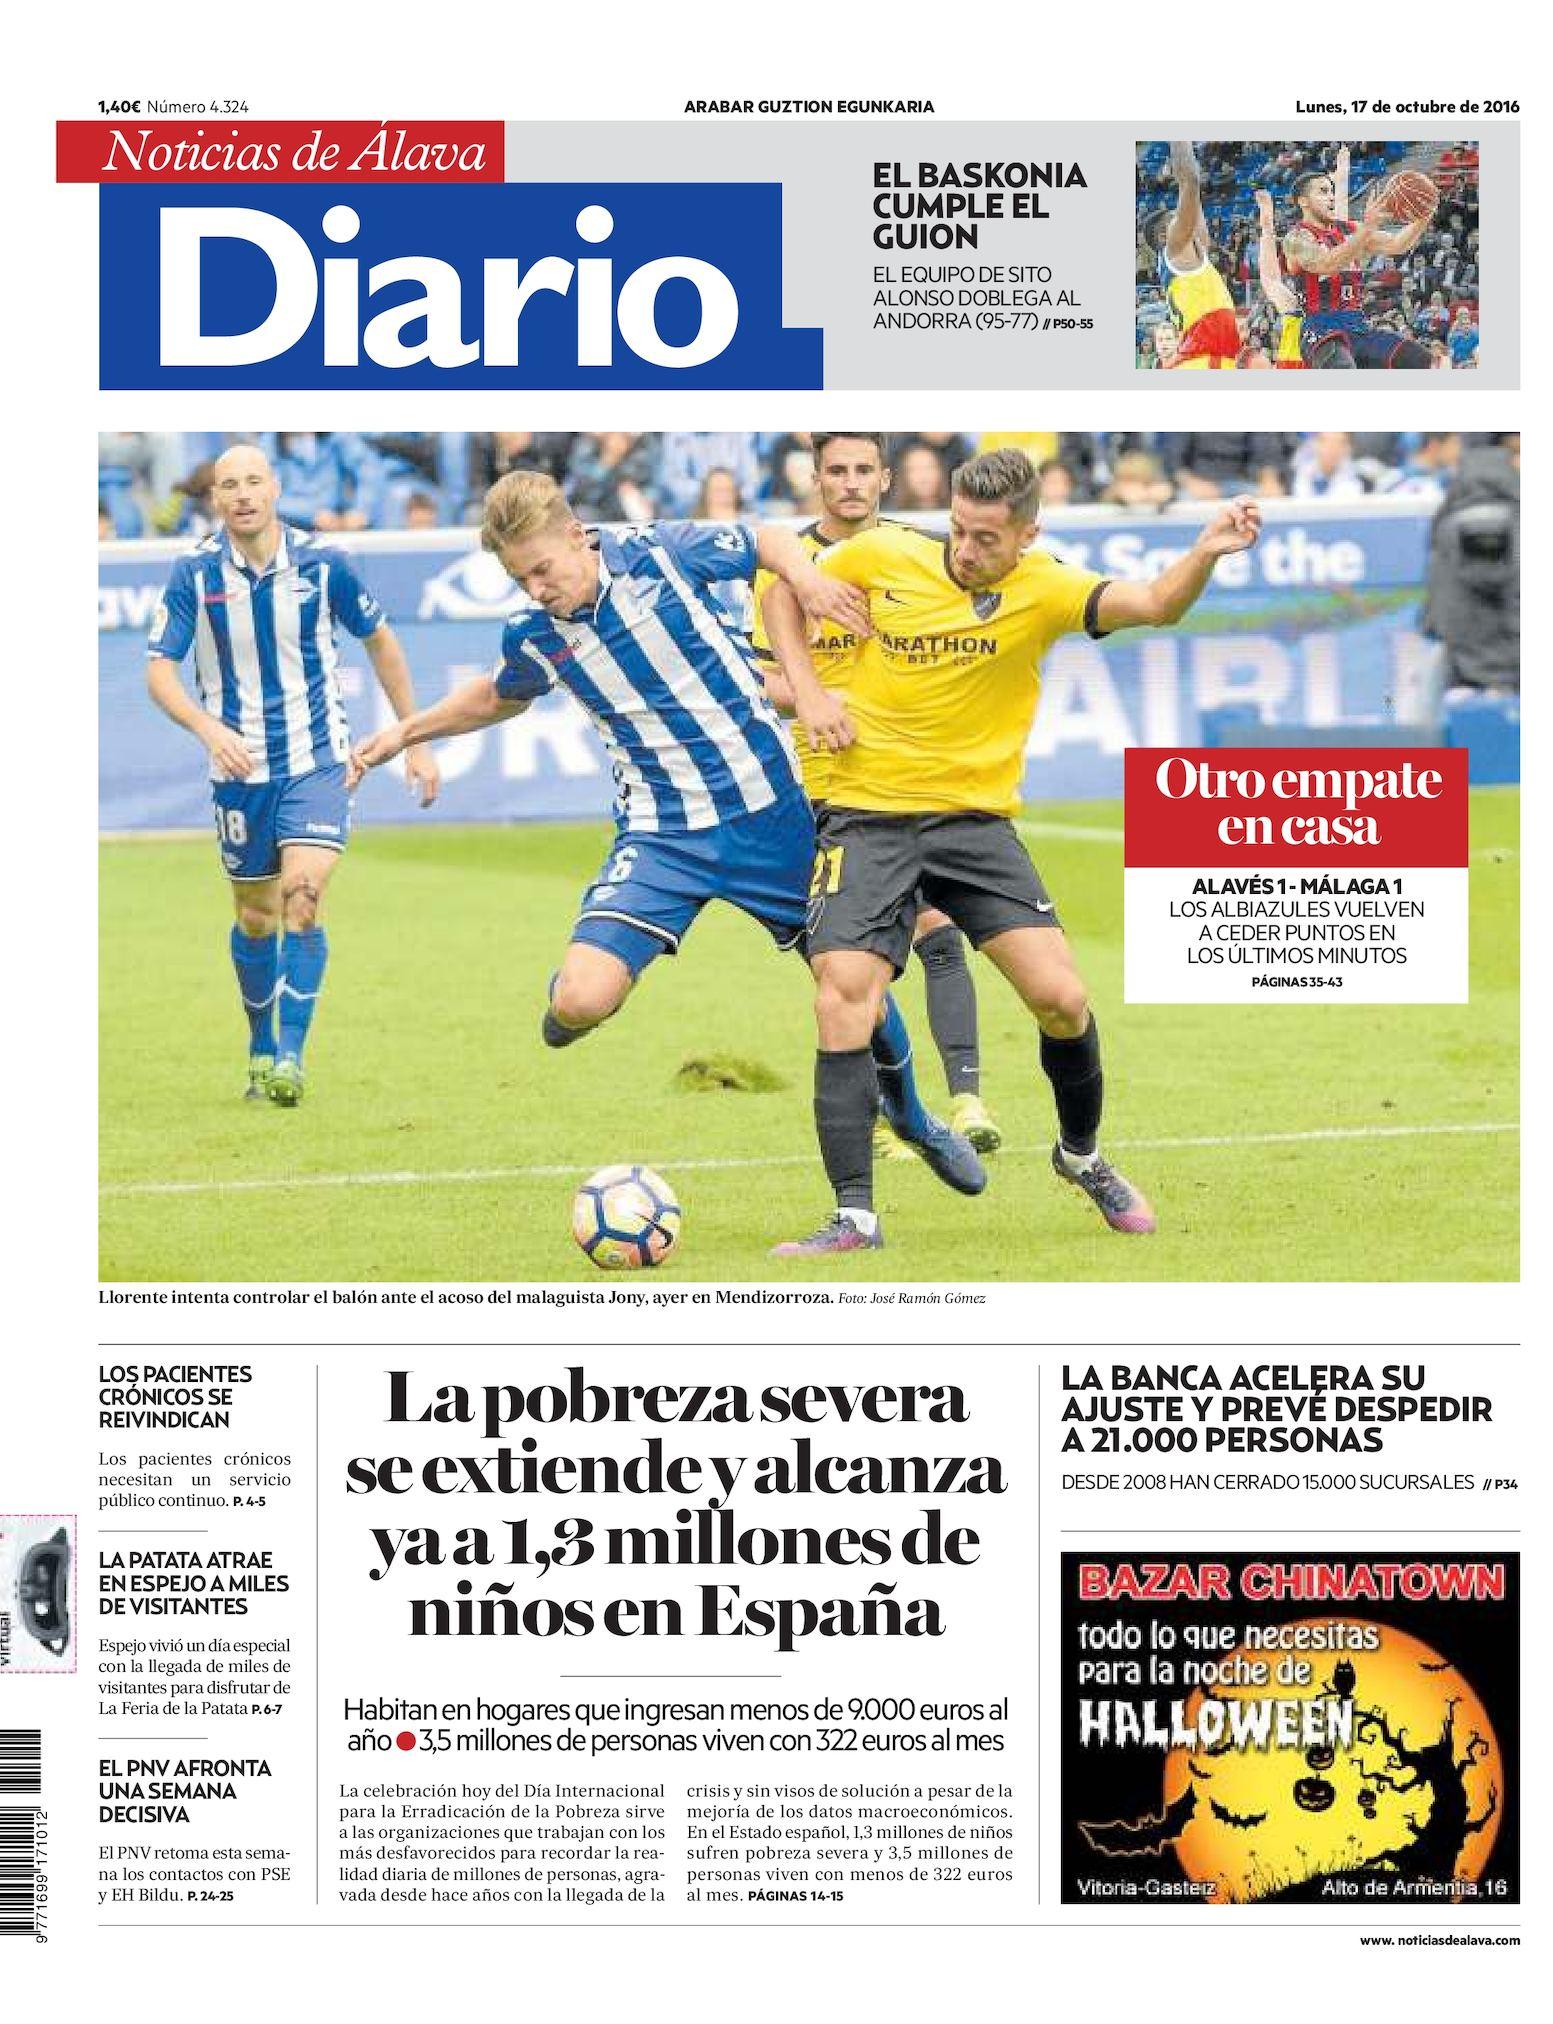 Euskadi retabet jugadores depositen al menos 50€-903138